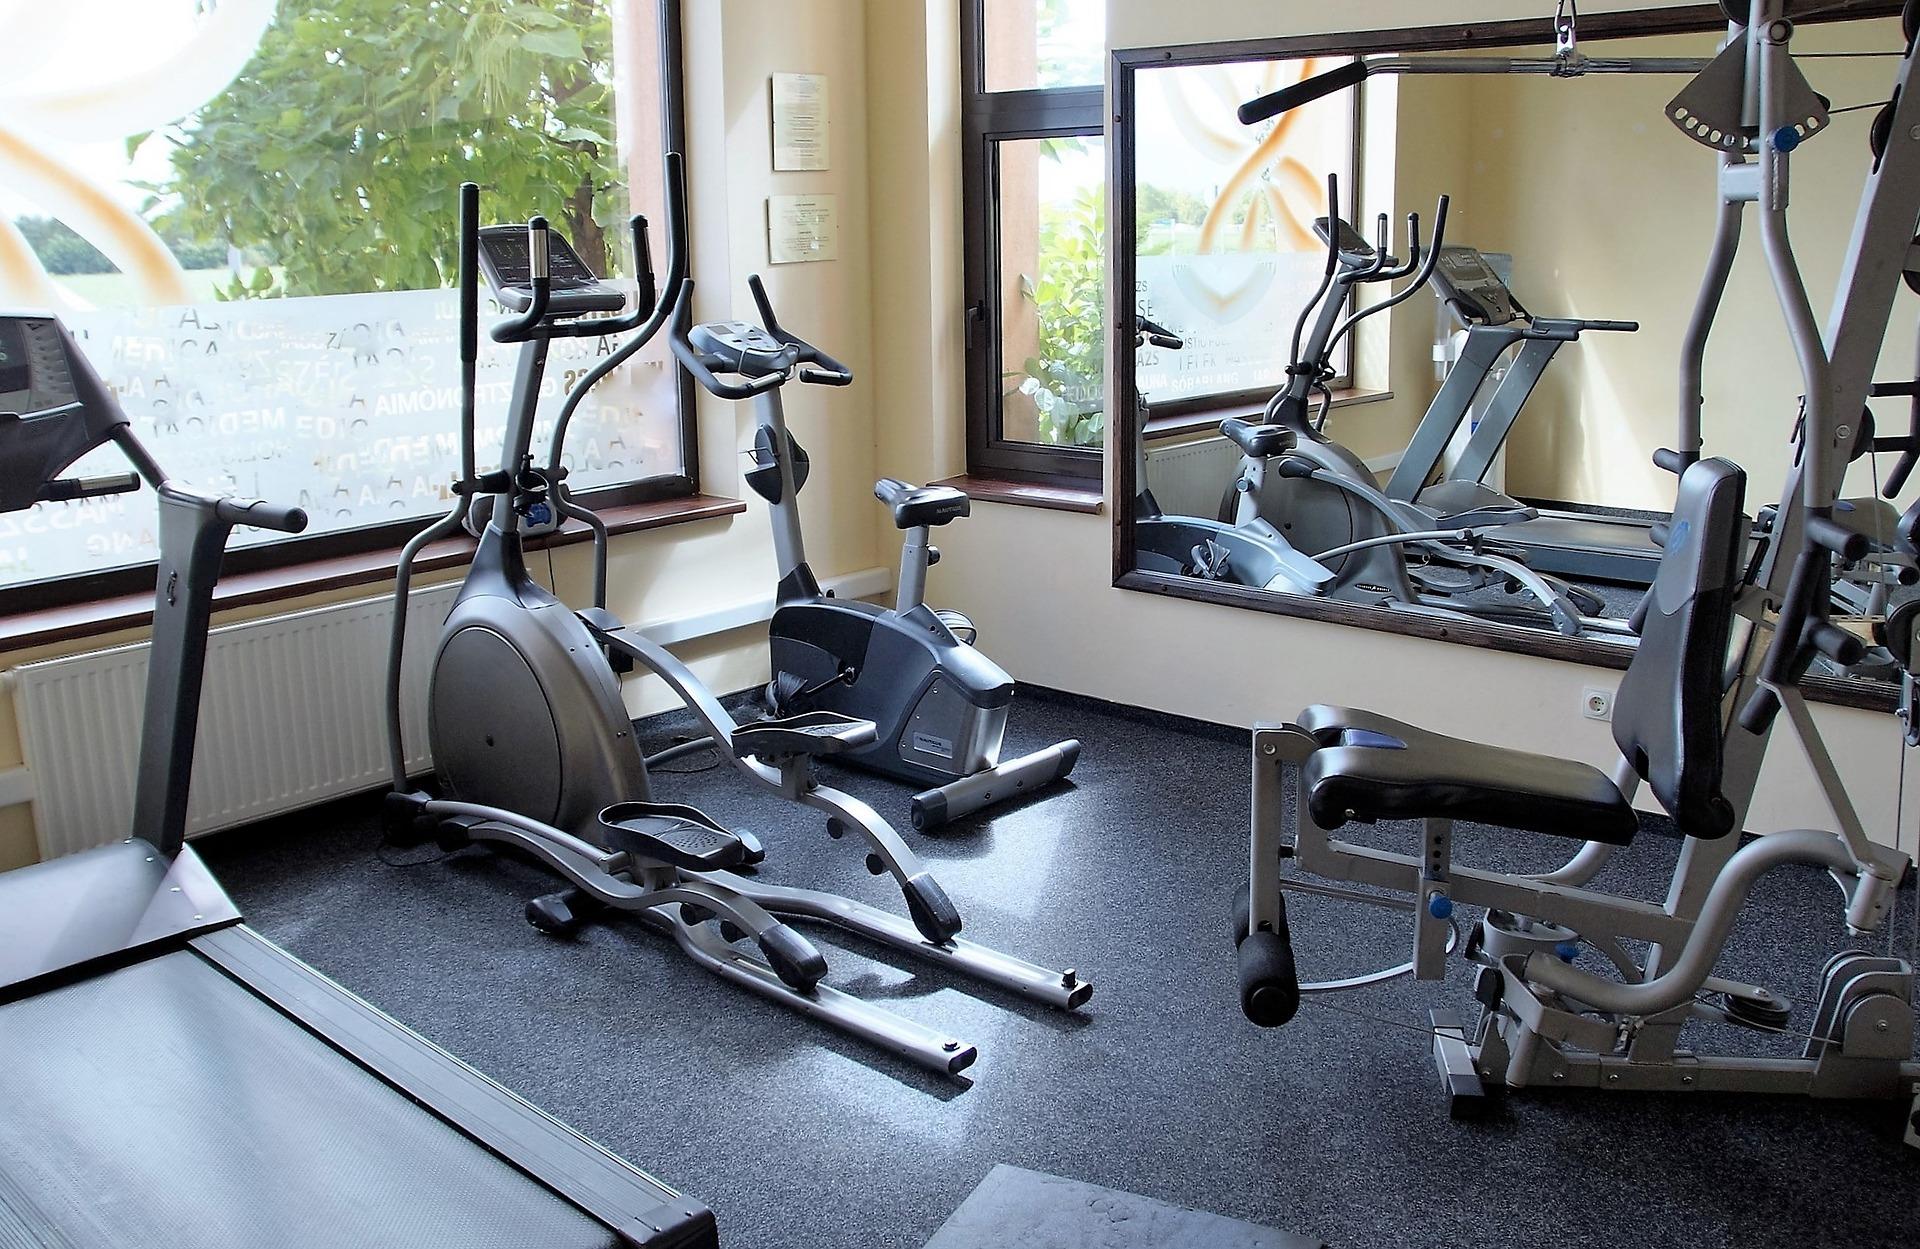 Fitnessgeräte für Senioren